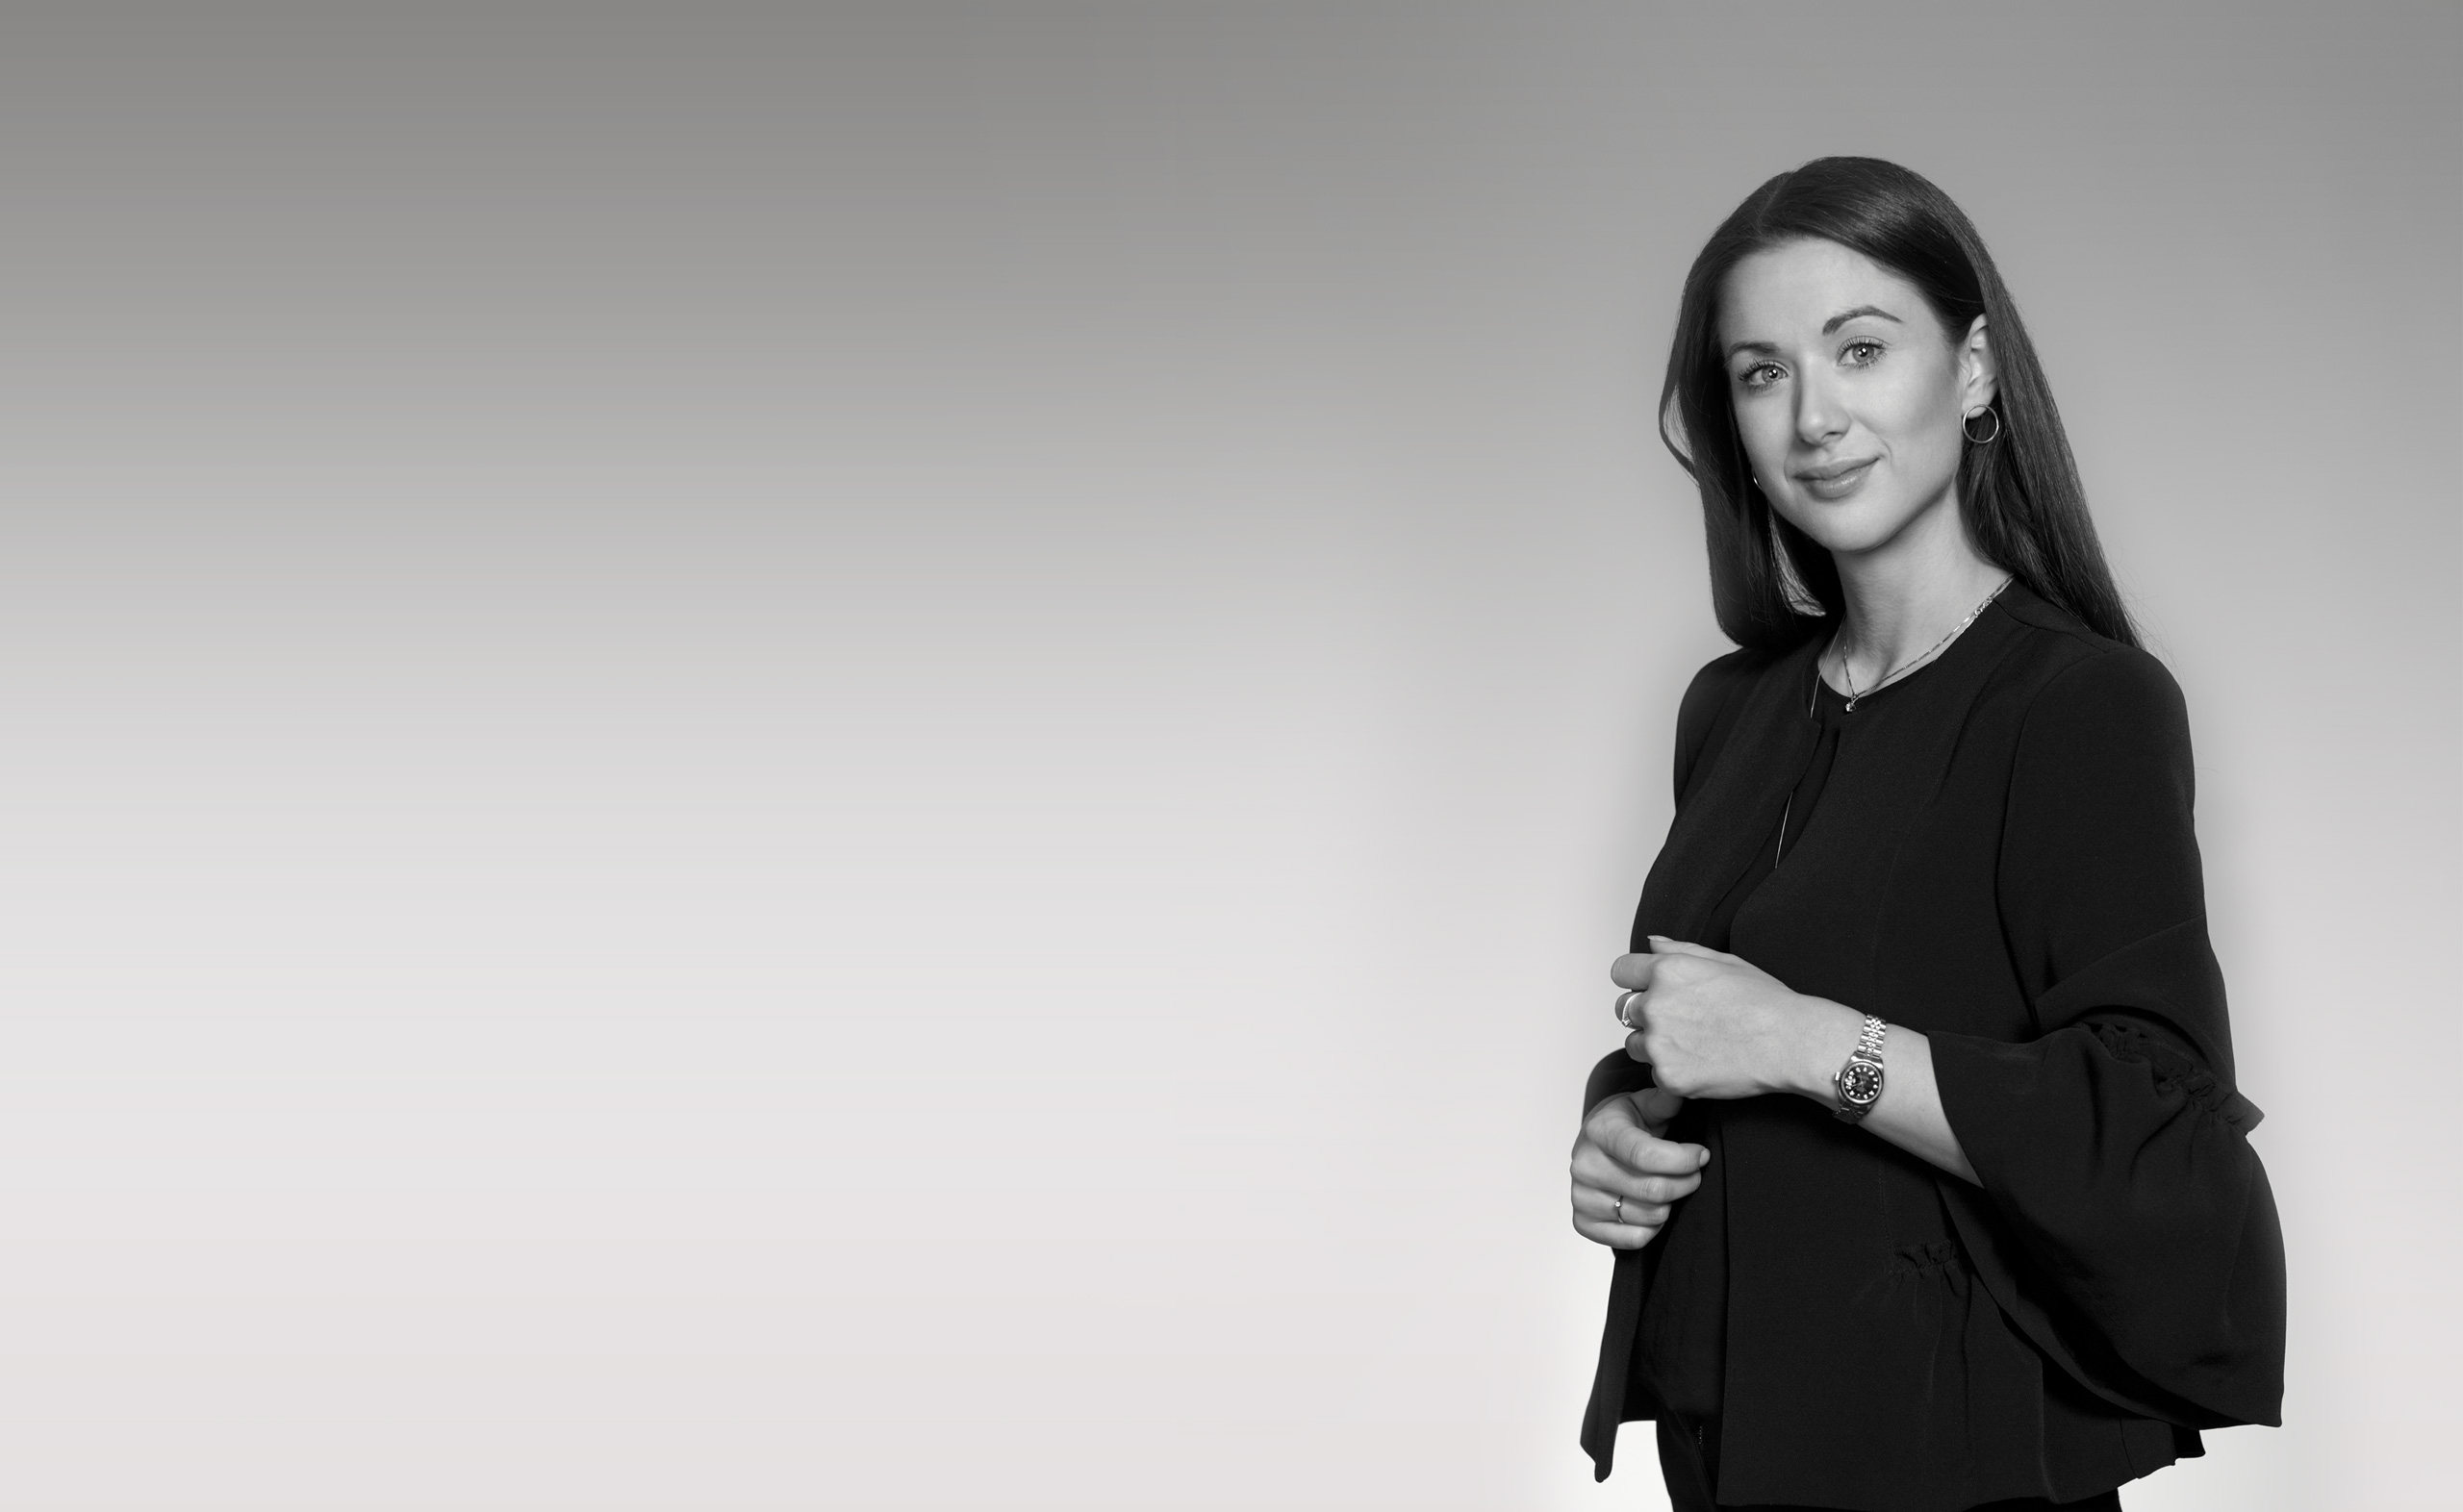 Isabella Bolin, Reg. fastighetsmäklare på Kungsholmen